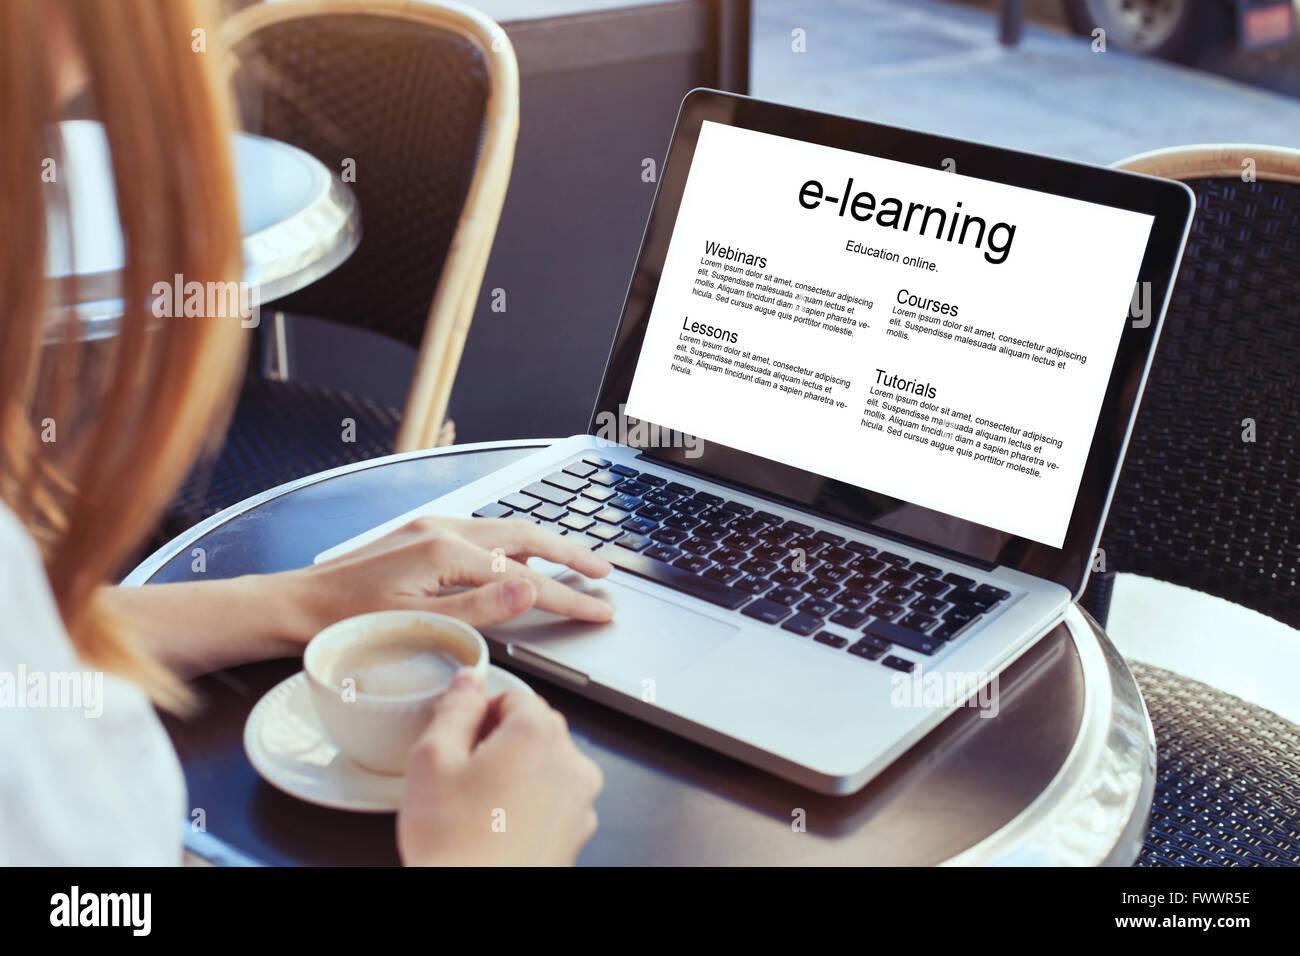 L'e-learning, l'istruzione on-line concept, donna con il computer portatile Immagini Stock